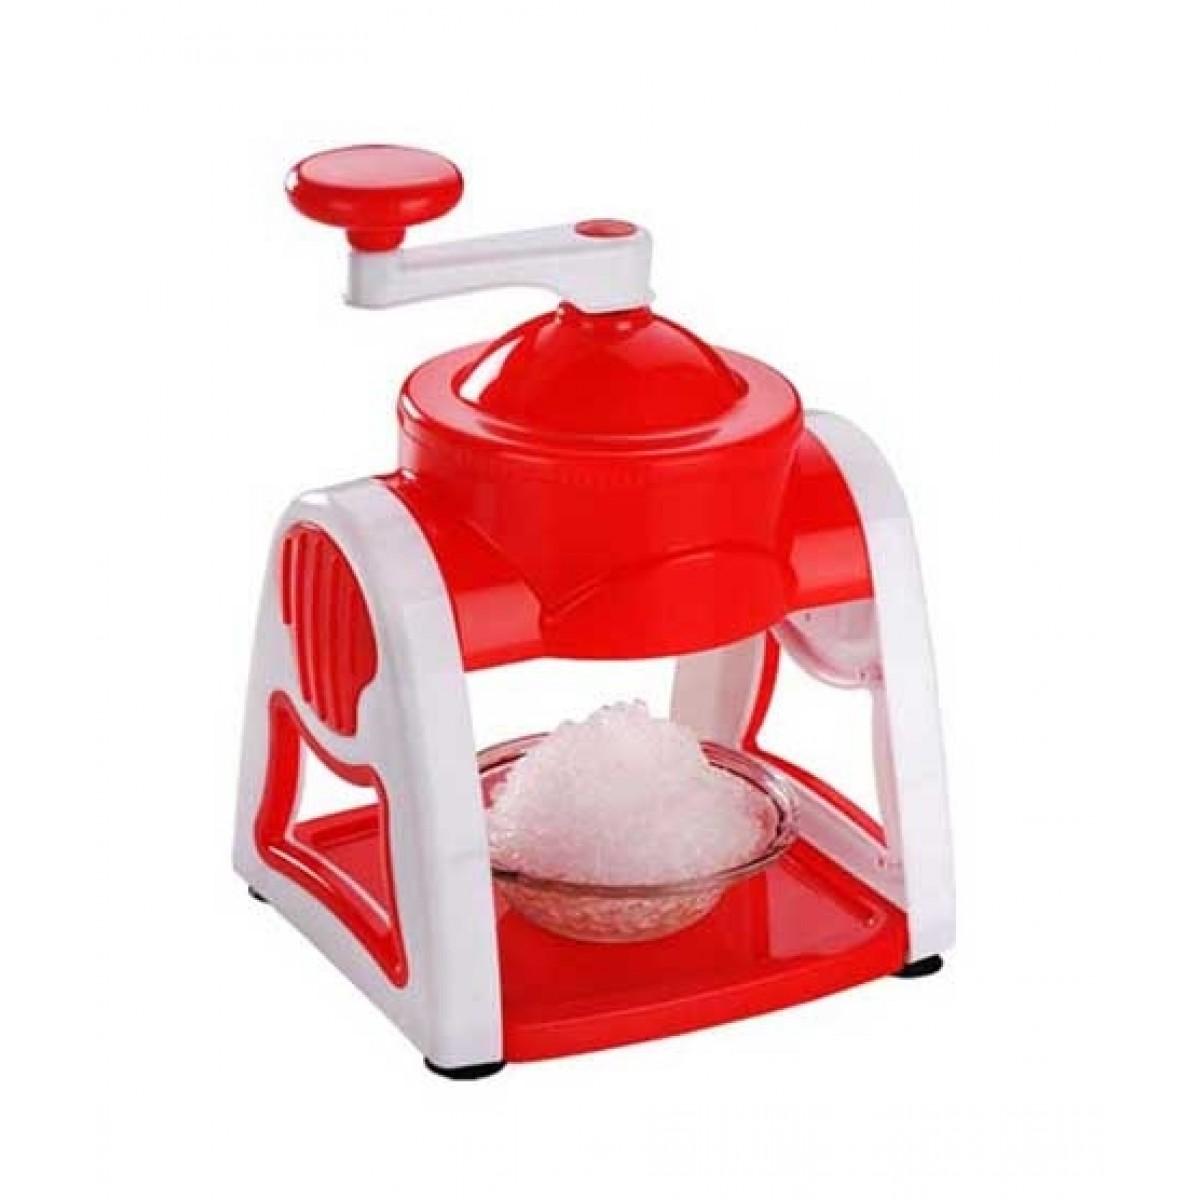 ORO Store Ice Crusher & Gola Maker Red